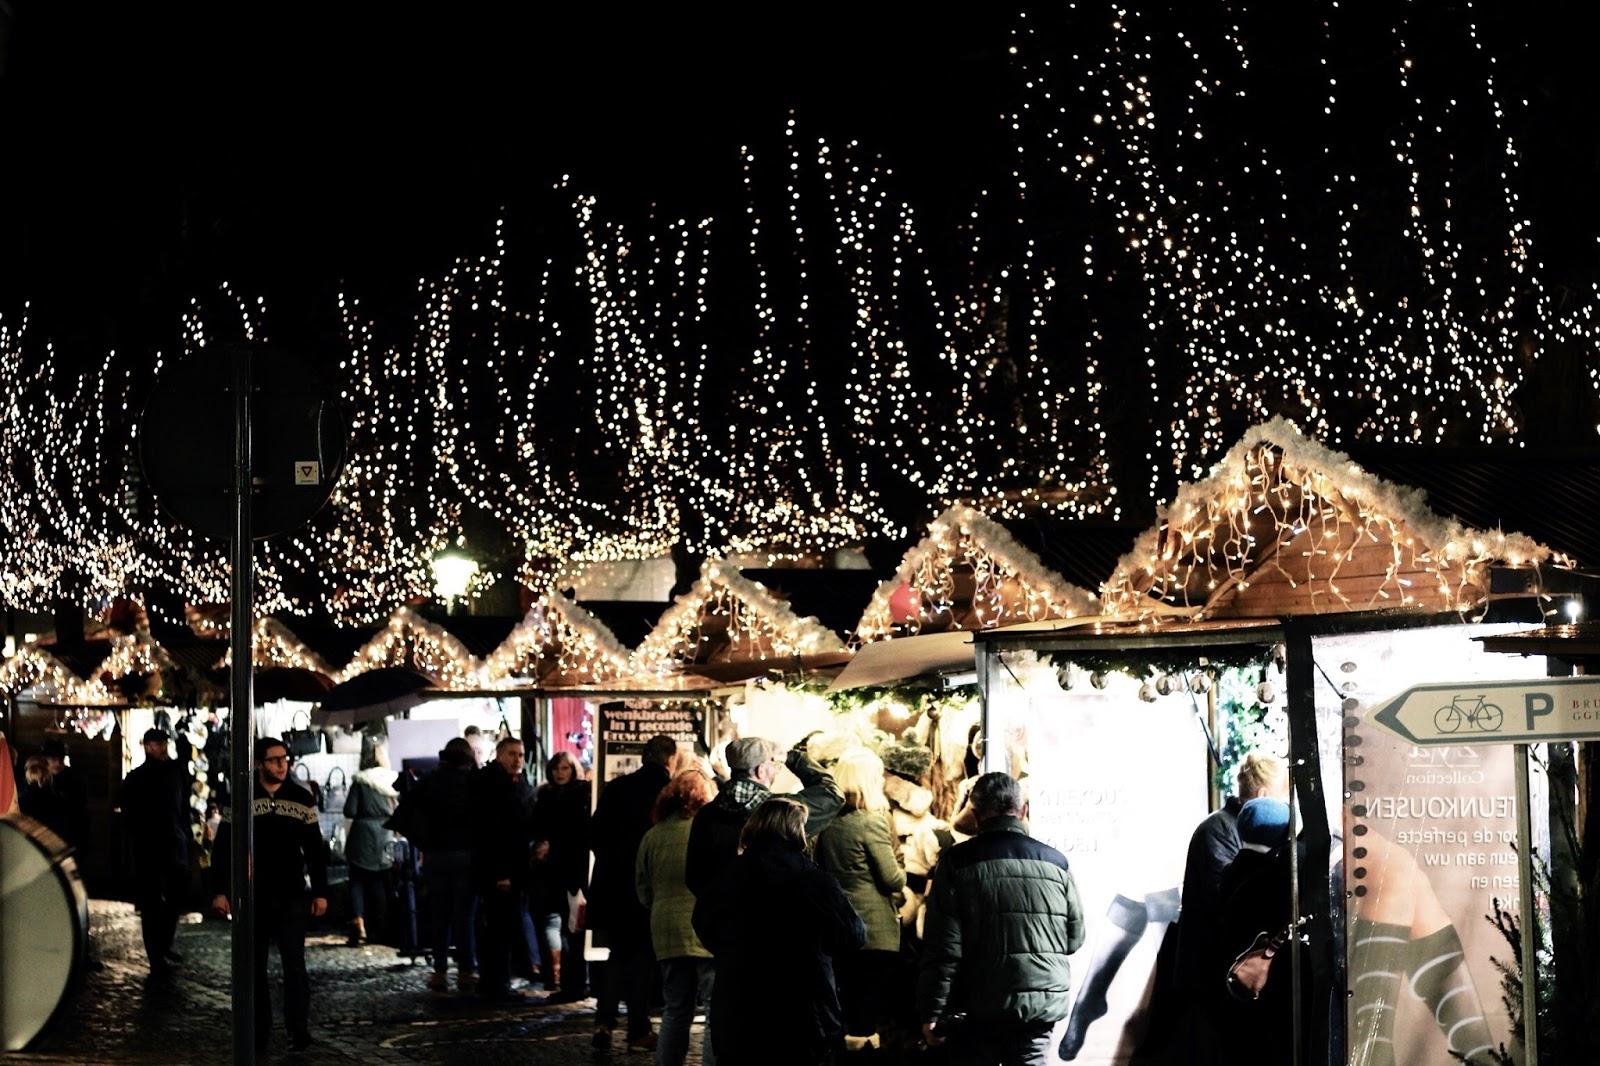 Christmas market stalls in Bruges